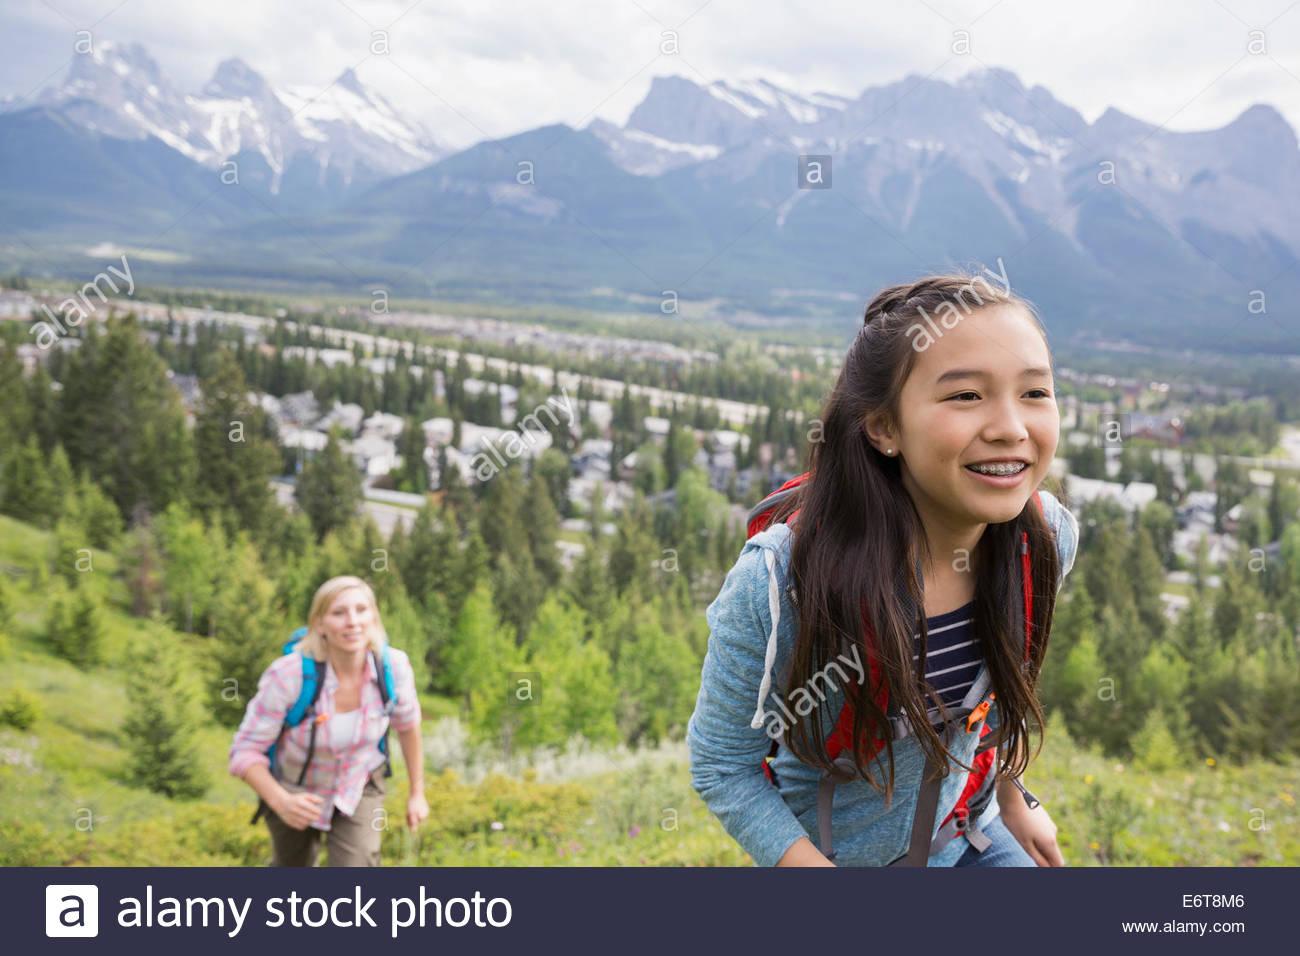 Mutter und Tochter auf ländlichen Hügel wandern Stockbild